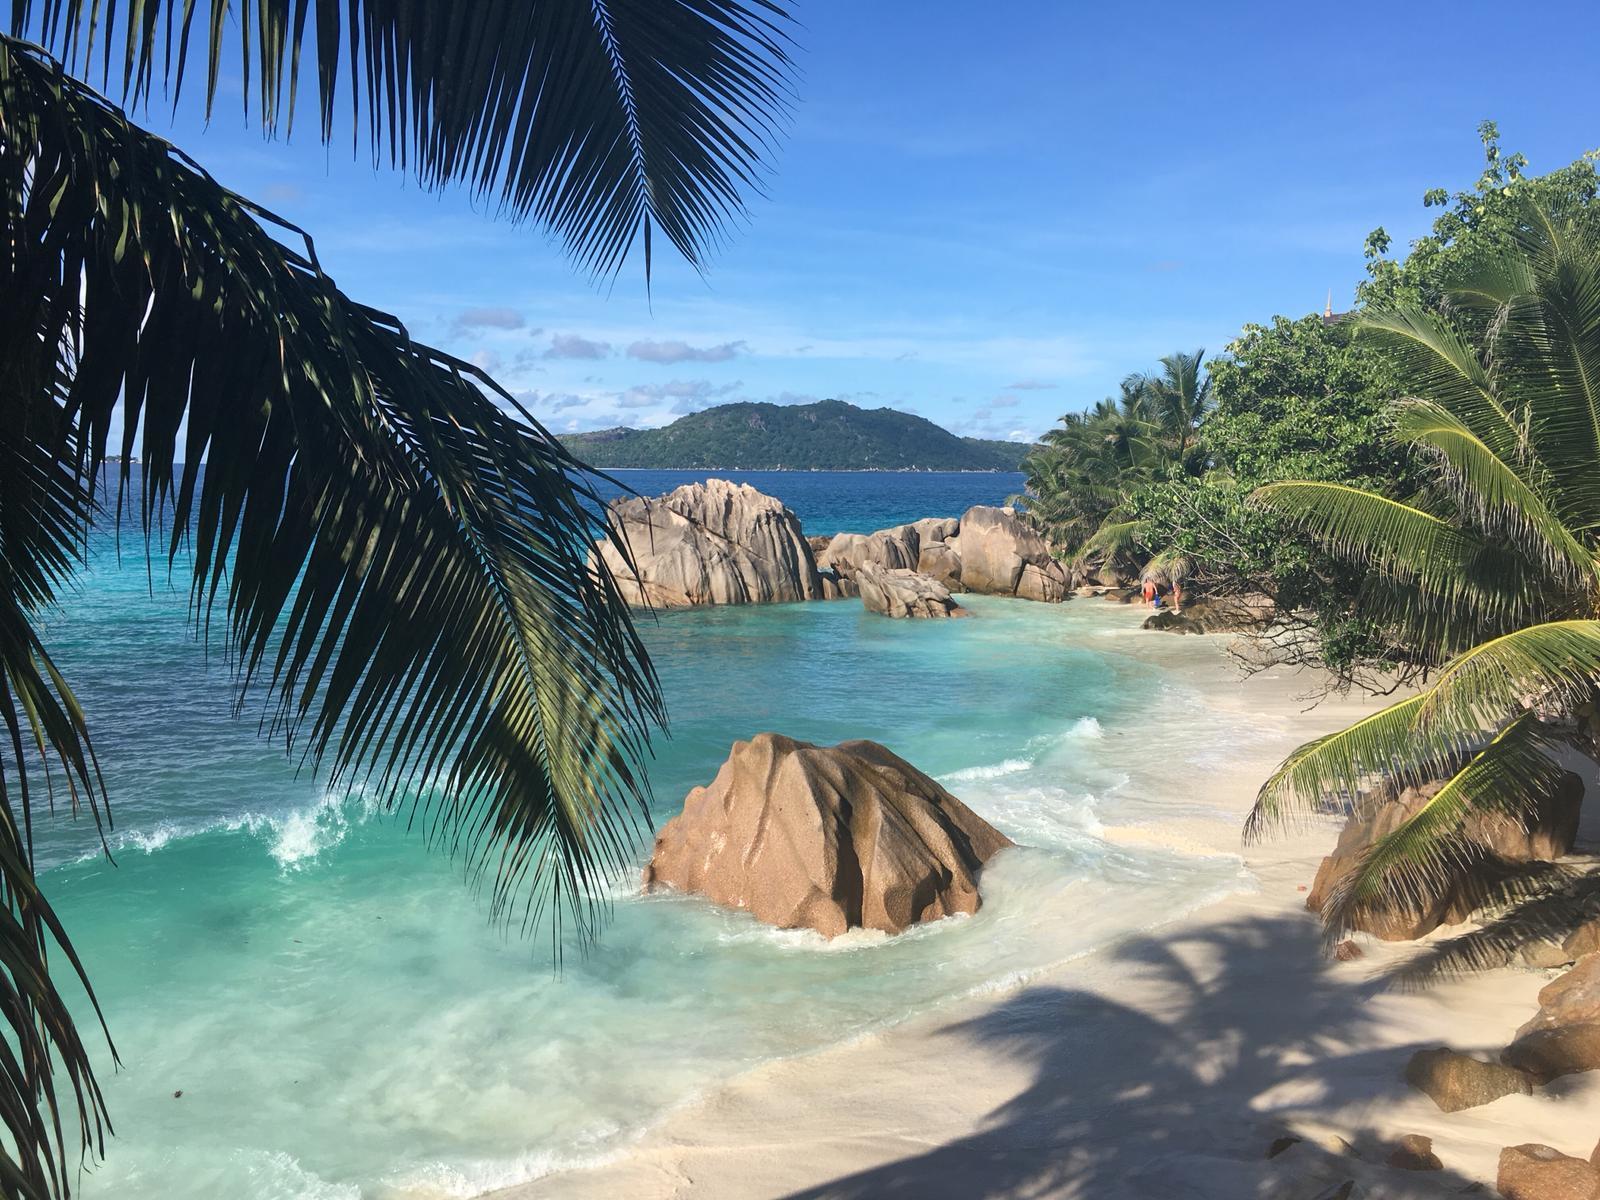 Traumstrände - zum Beispiel auf den Seychellen